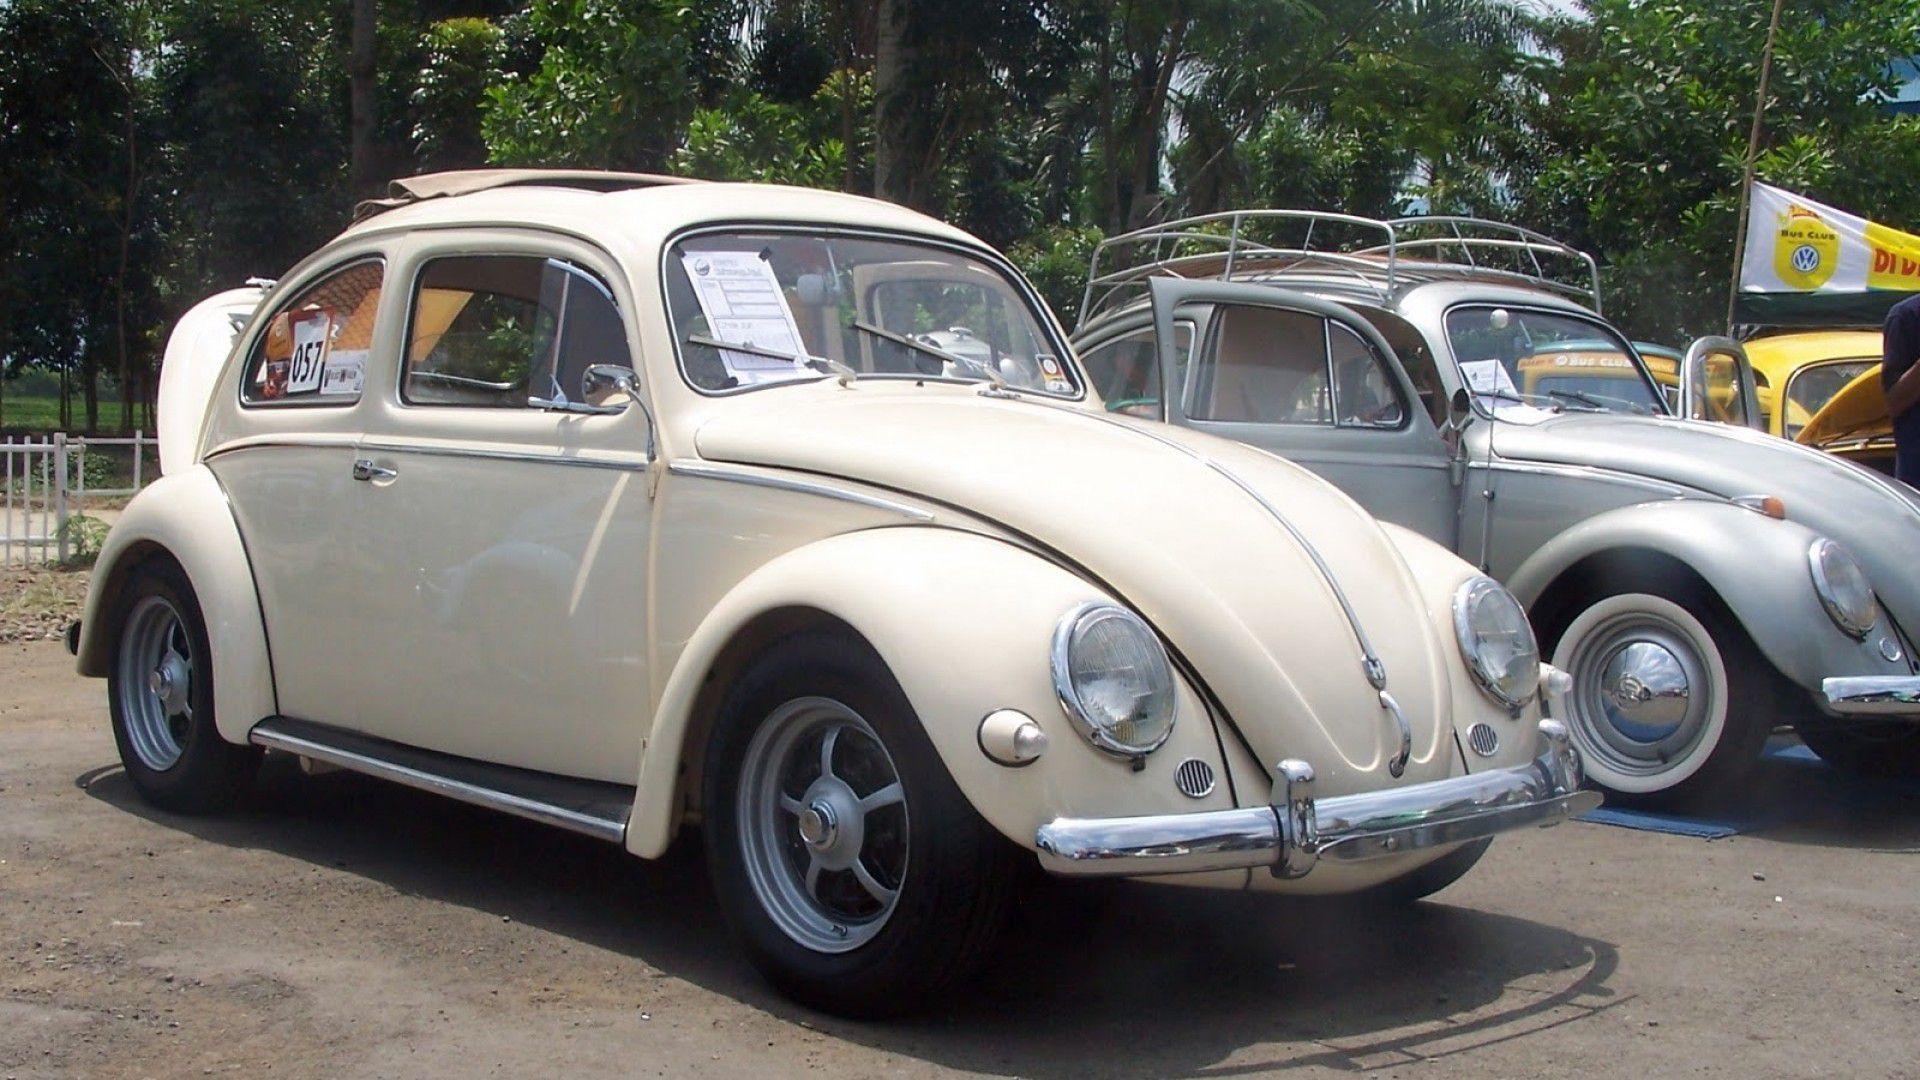 Volkswagen Beetle (VW Type 1)